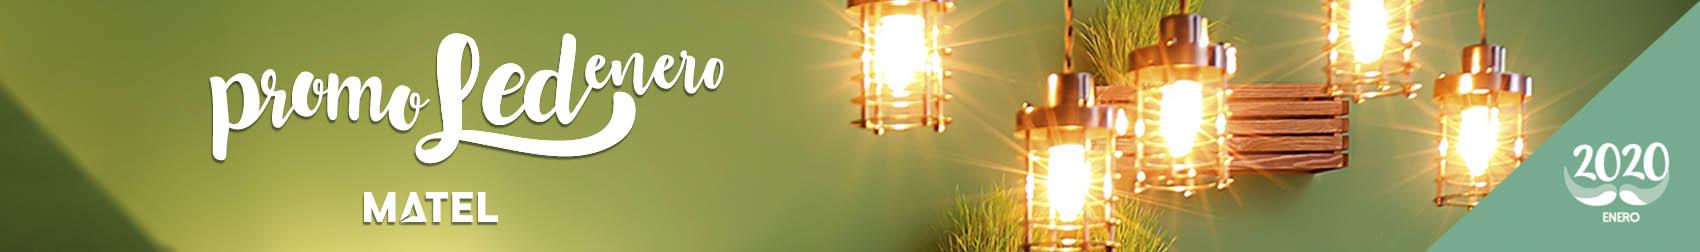 Oferta especial LED enero